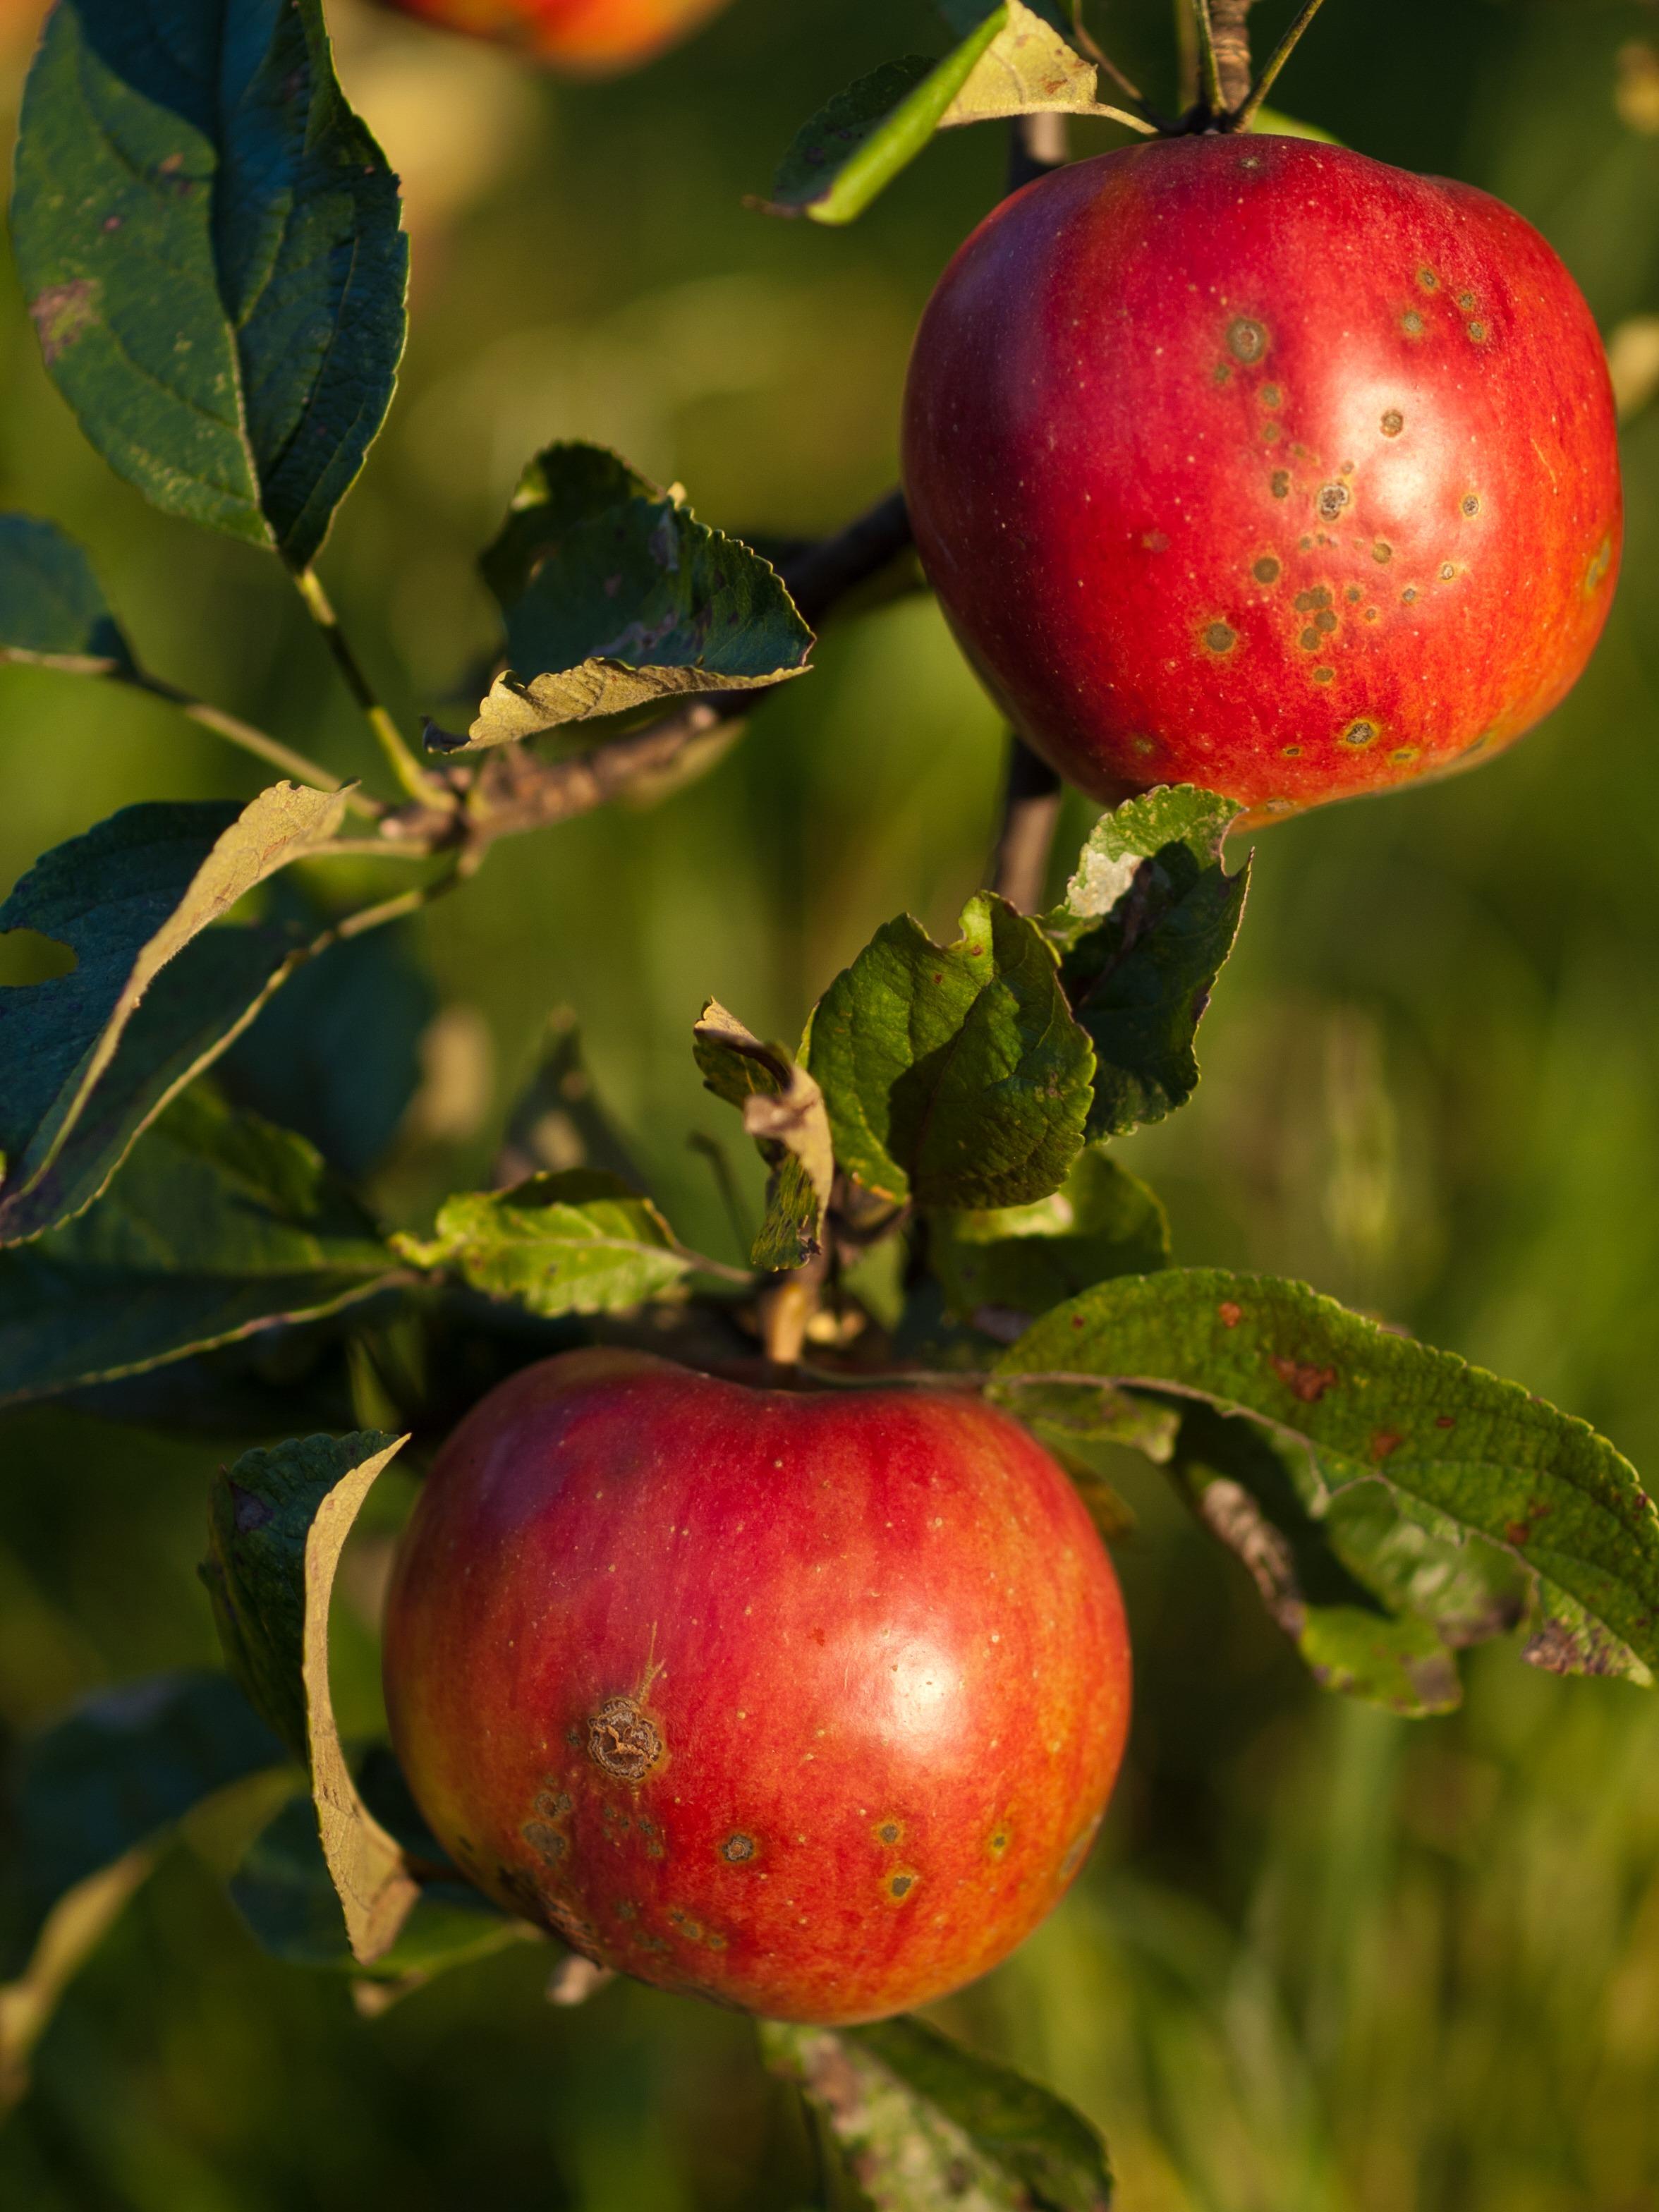 Gambar Apel Pohon Cabang Menanam Buah Bunga Merah